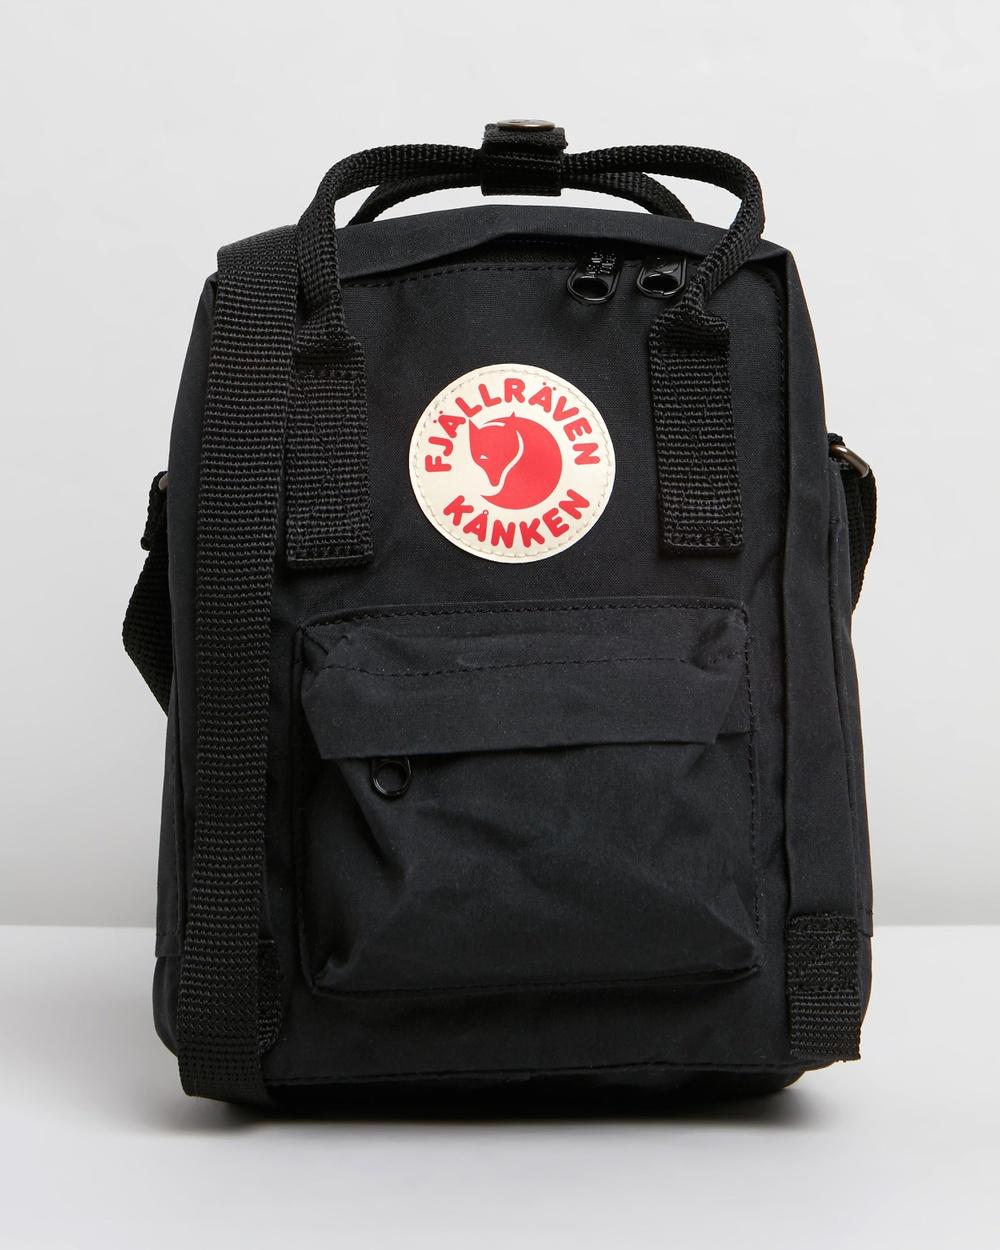 Fjallraven Kanken Sling Bags Black Australia